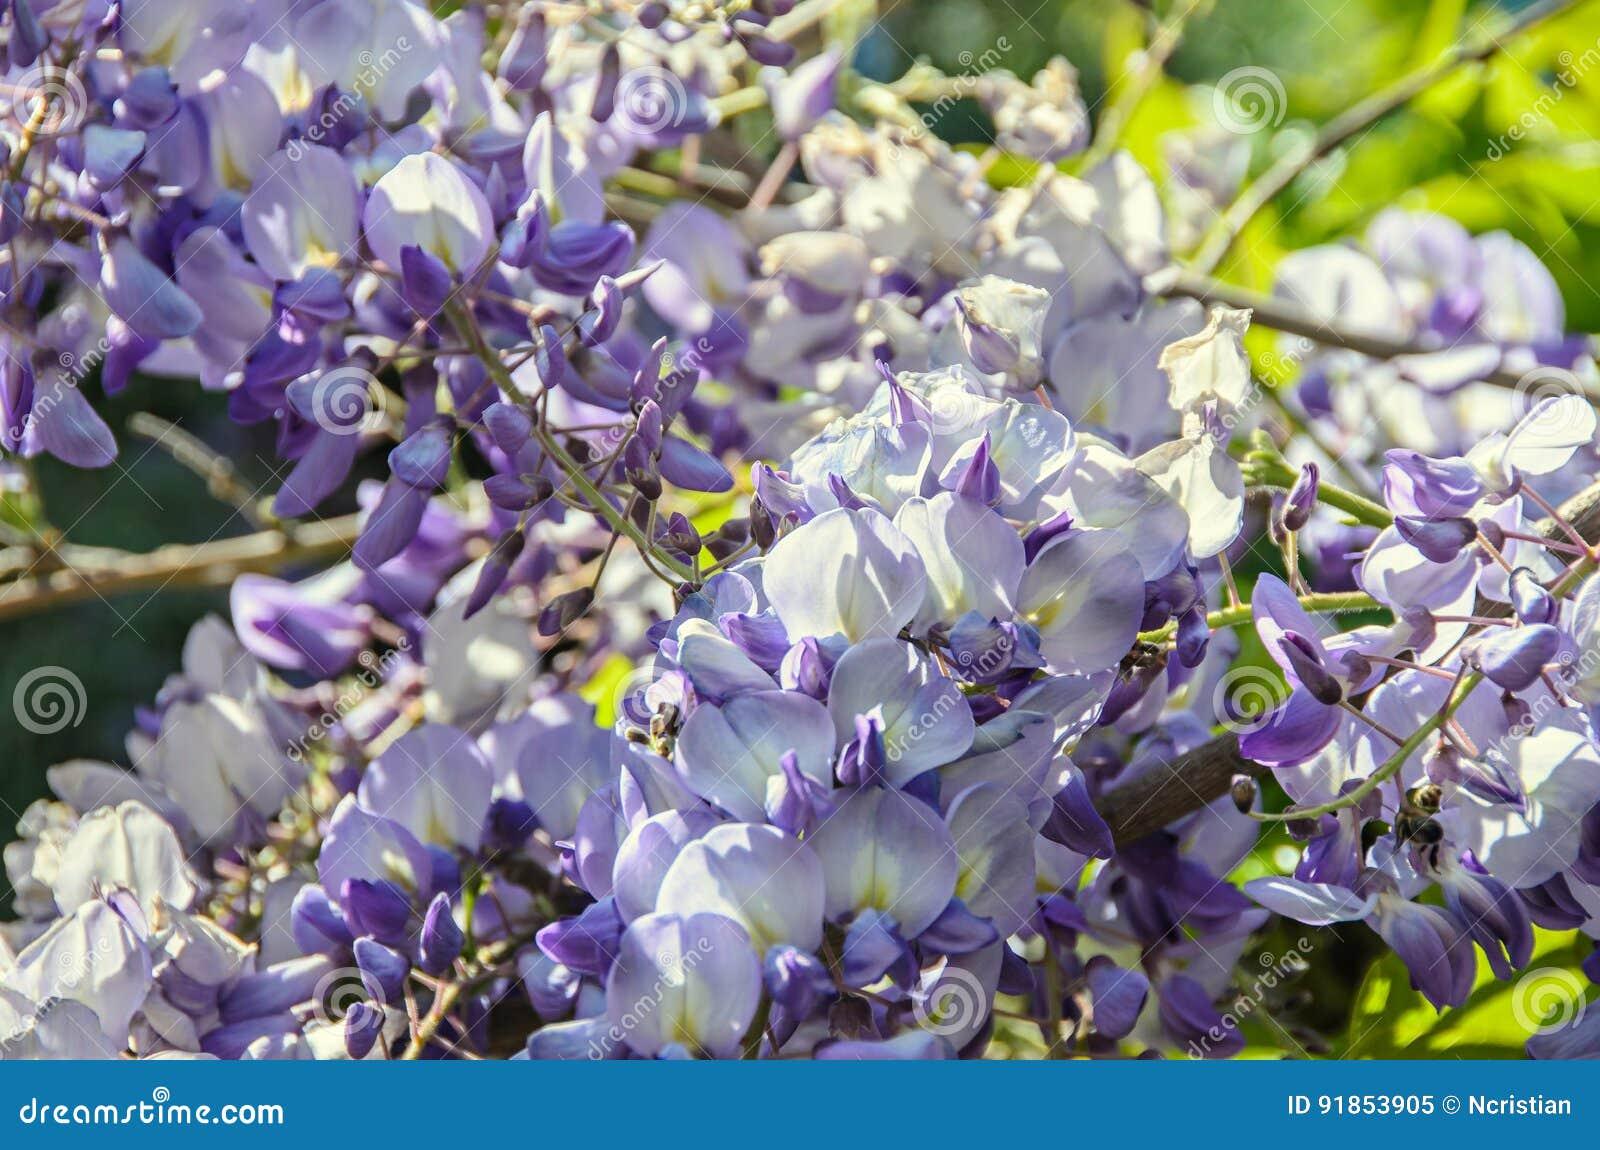 Fiori Rampicanti.Fiori Rampicanti Del Cespuglio Viola Malva Di Glicine Fine All